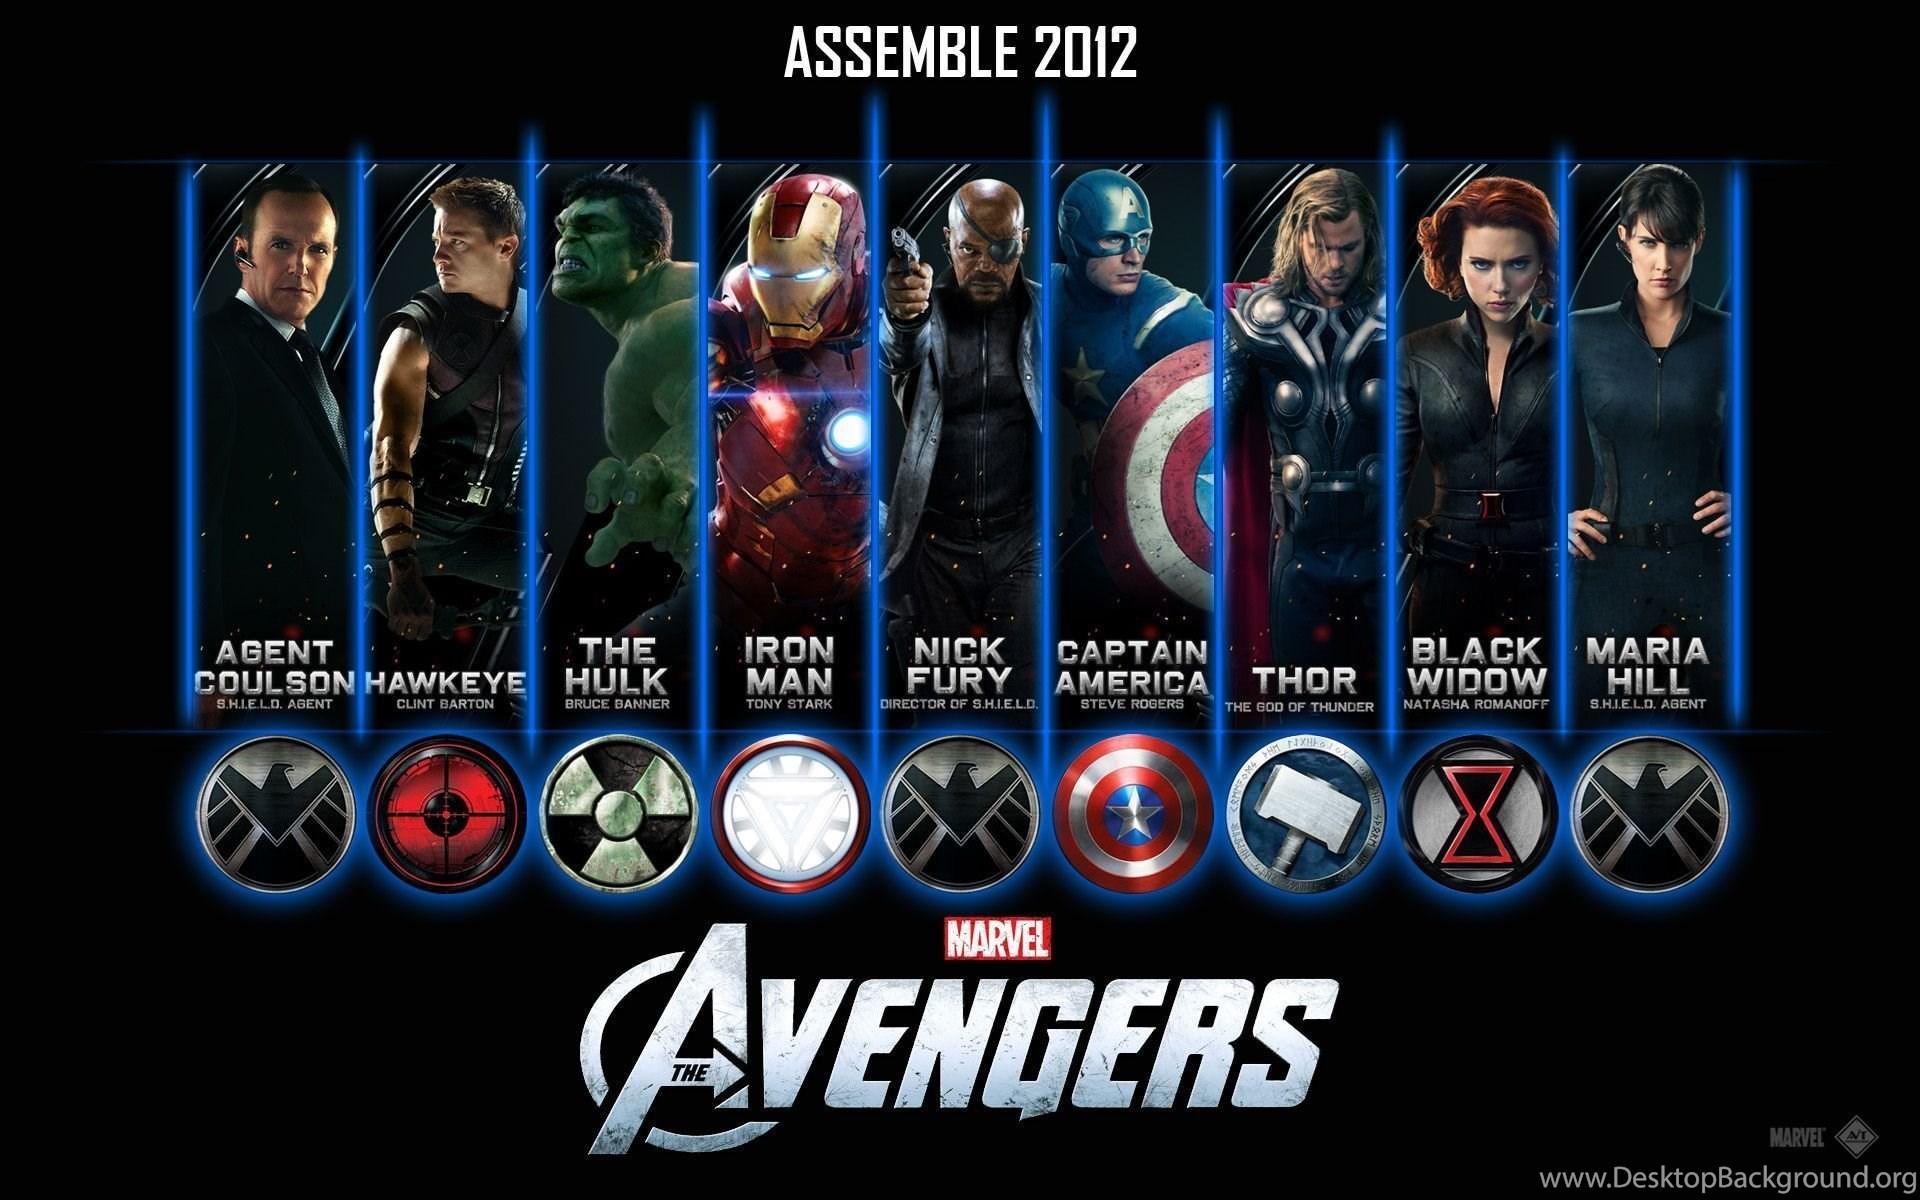 Avengers Wallpapers For Dekstop 21450 Full Hd Wallpapers Desktop Desktop Background